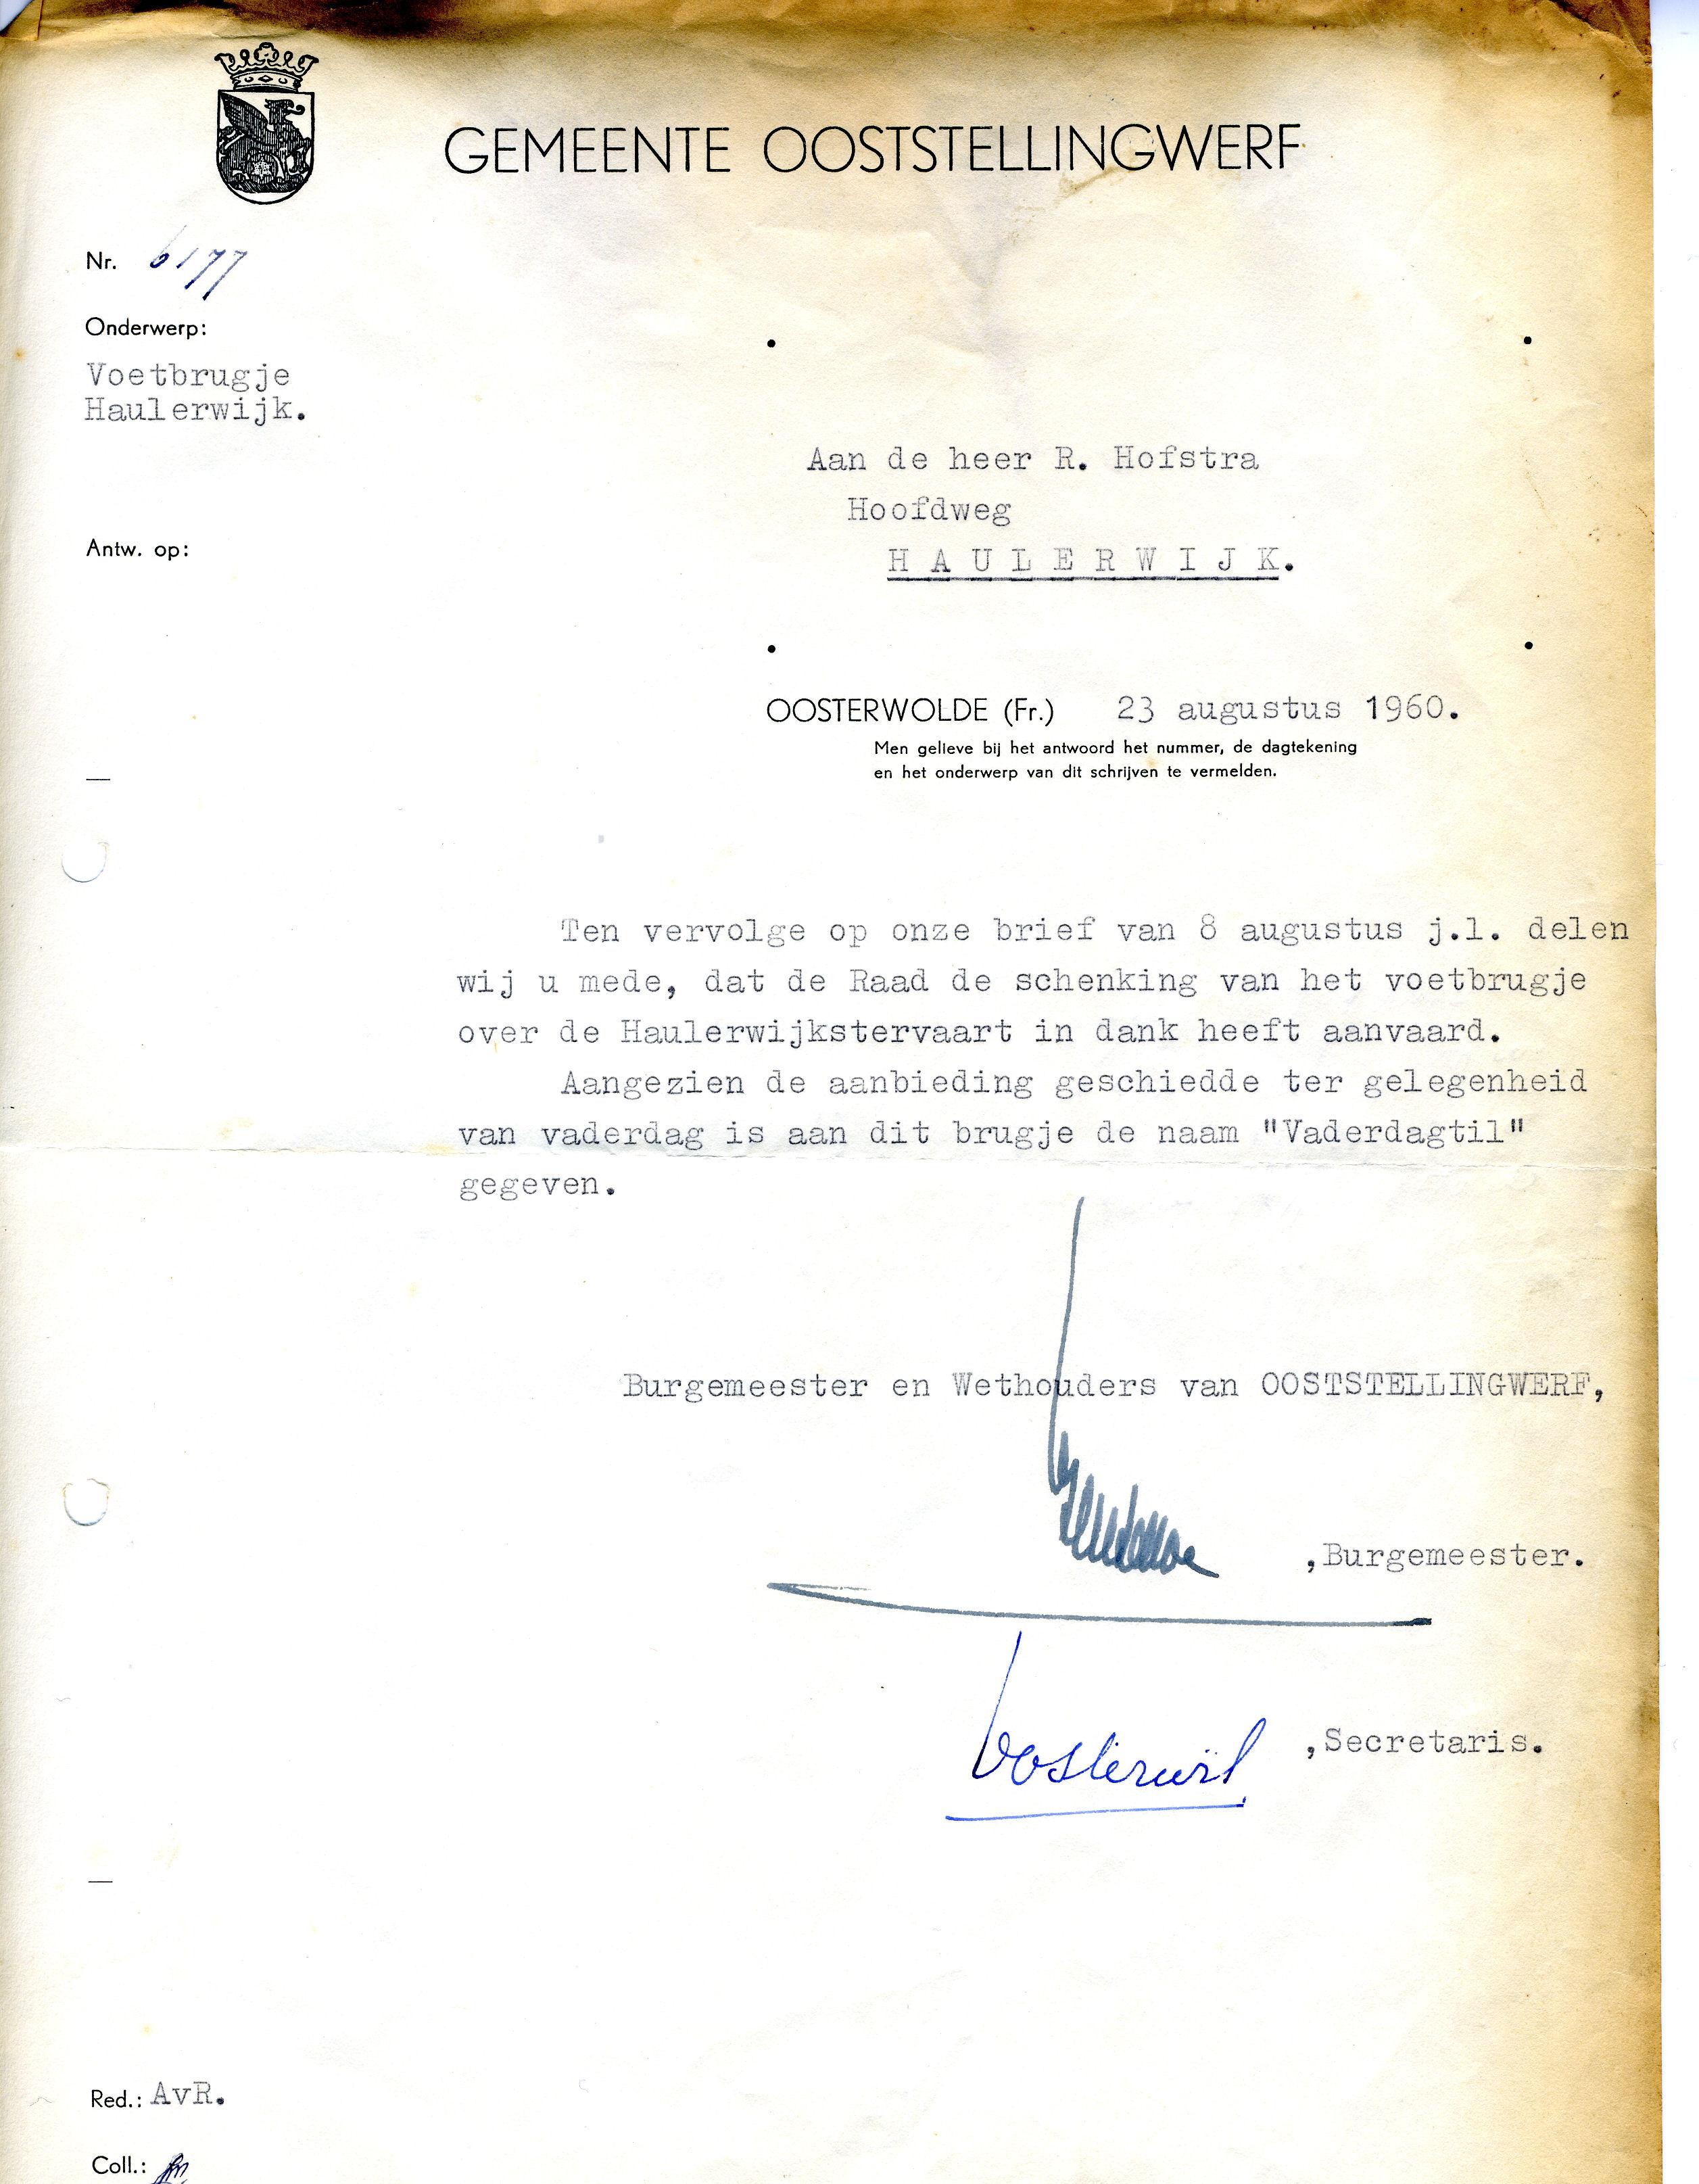 19600823 Brief van Gem OSW - Aanvaarding Vaderdagtil